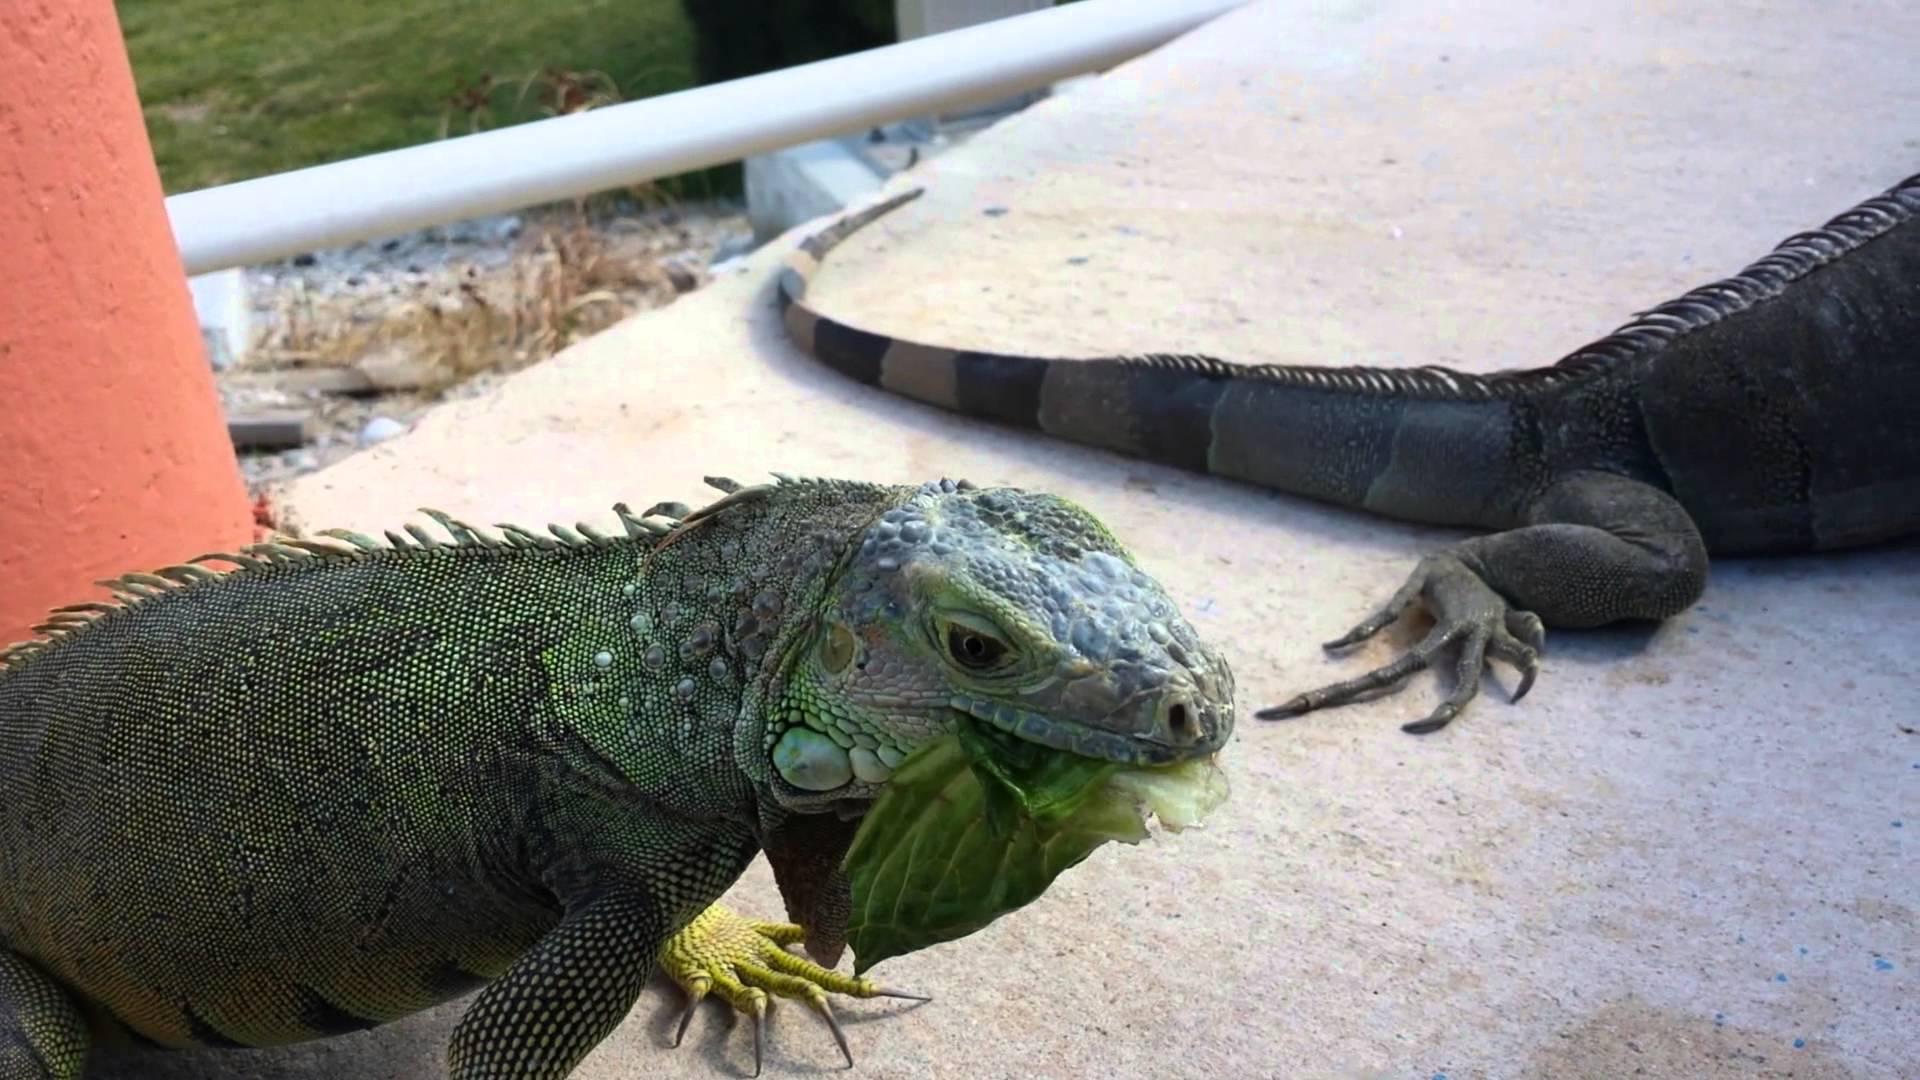 Petting a wild iguana in Miami, Florida - YouTube